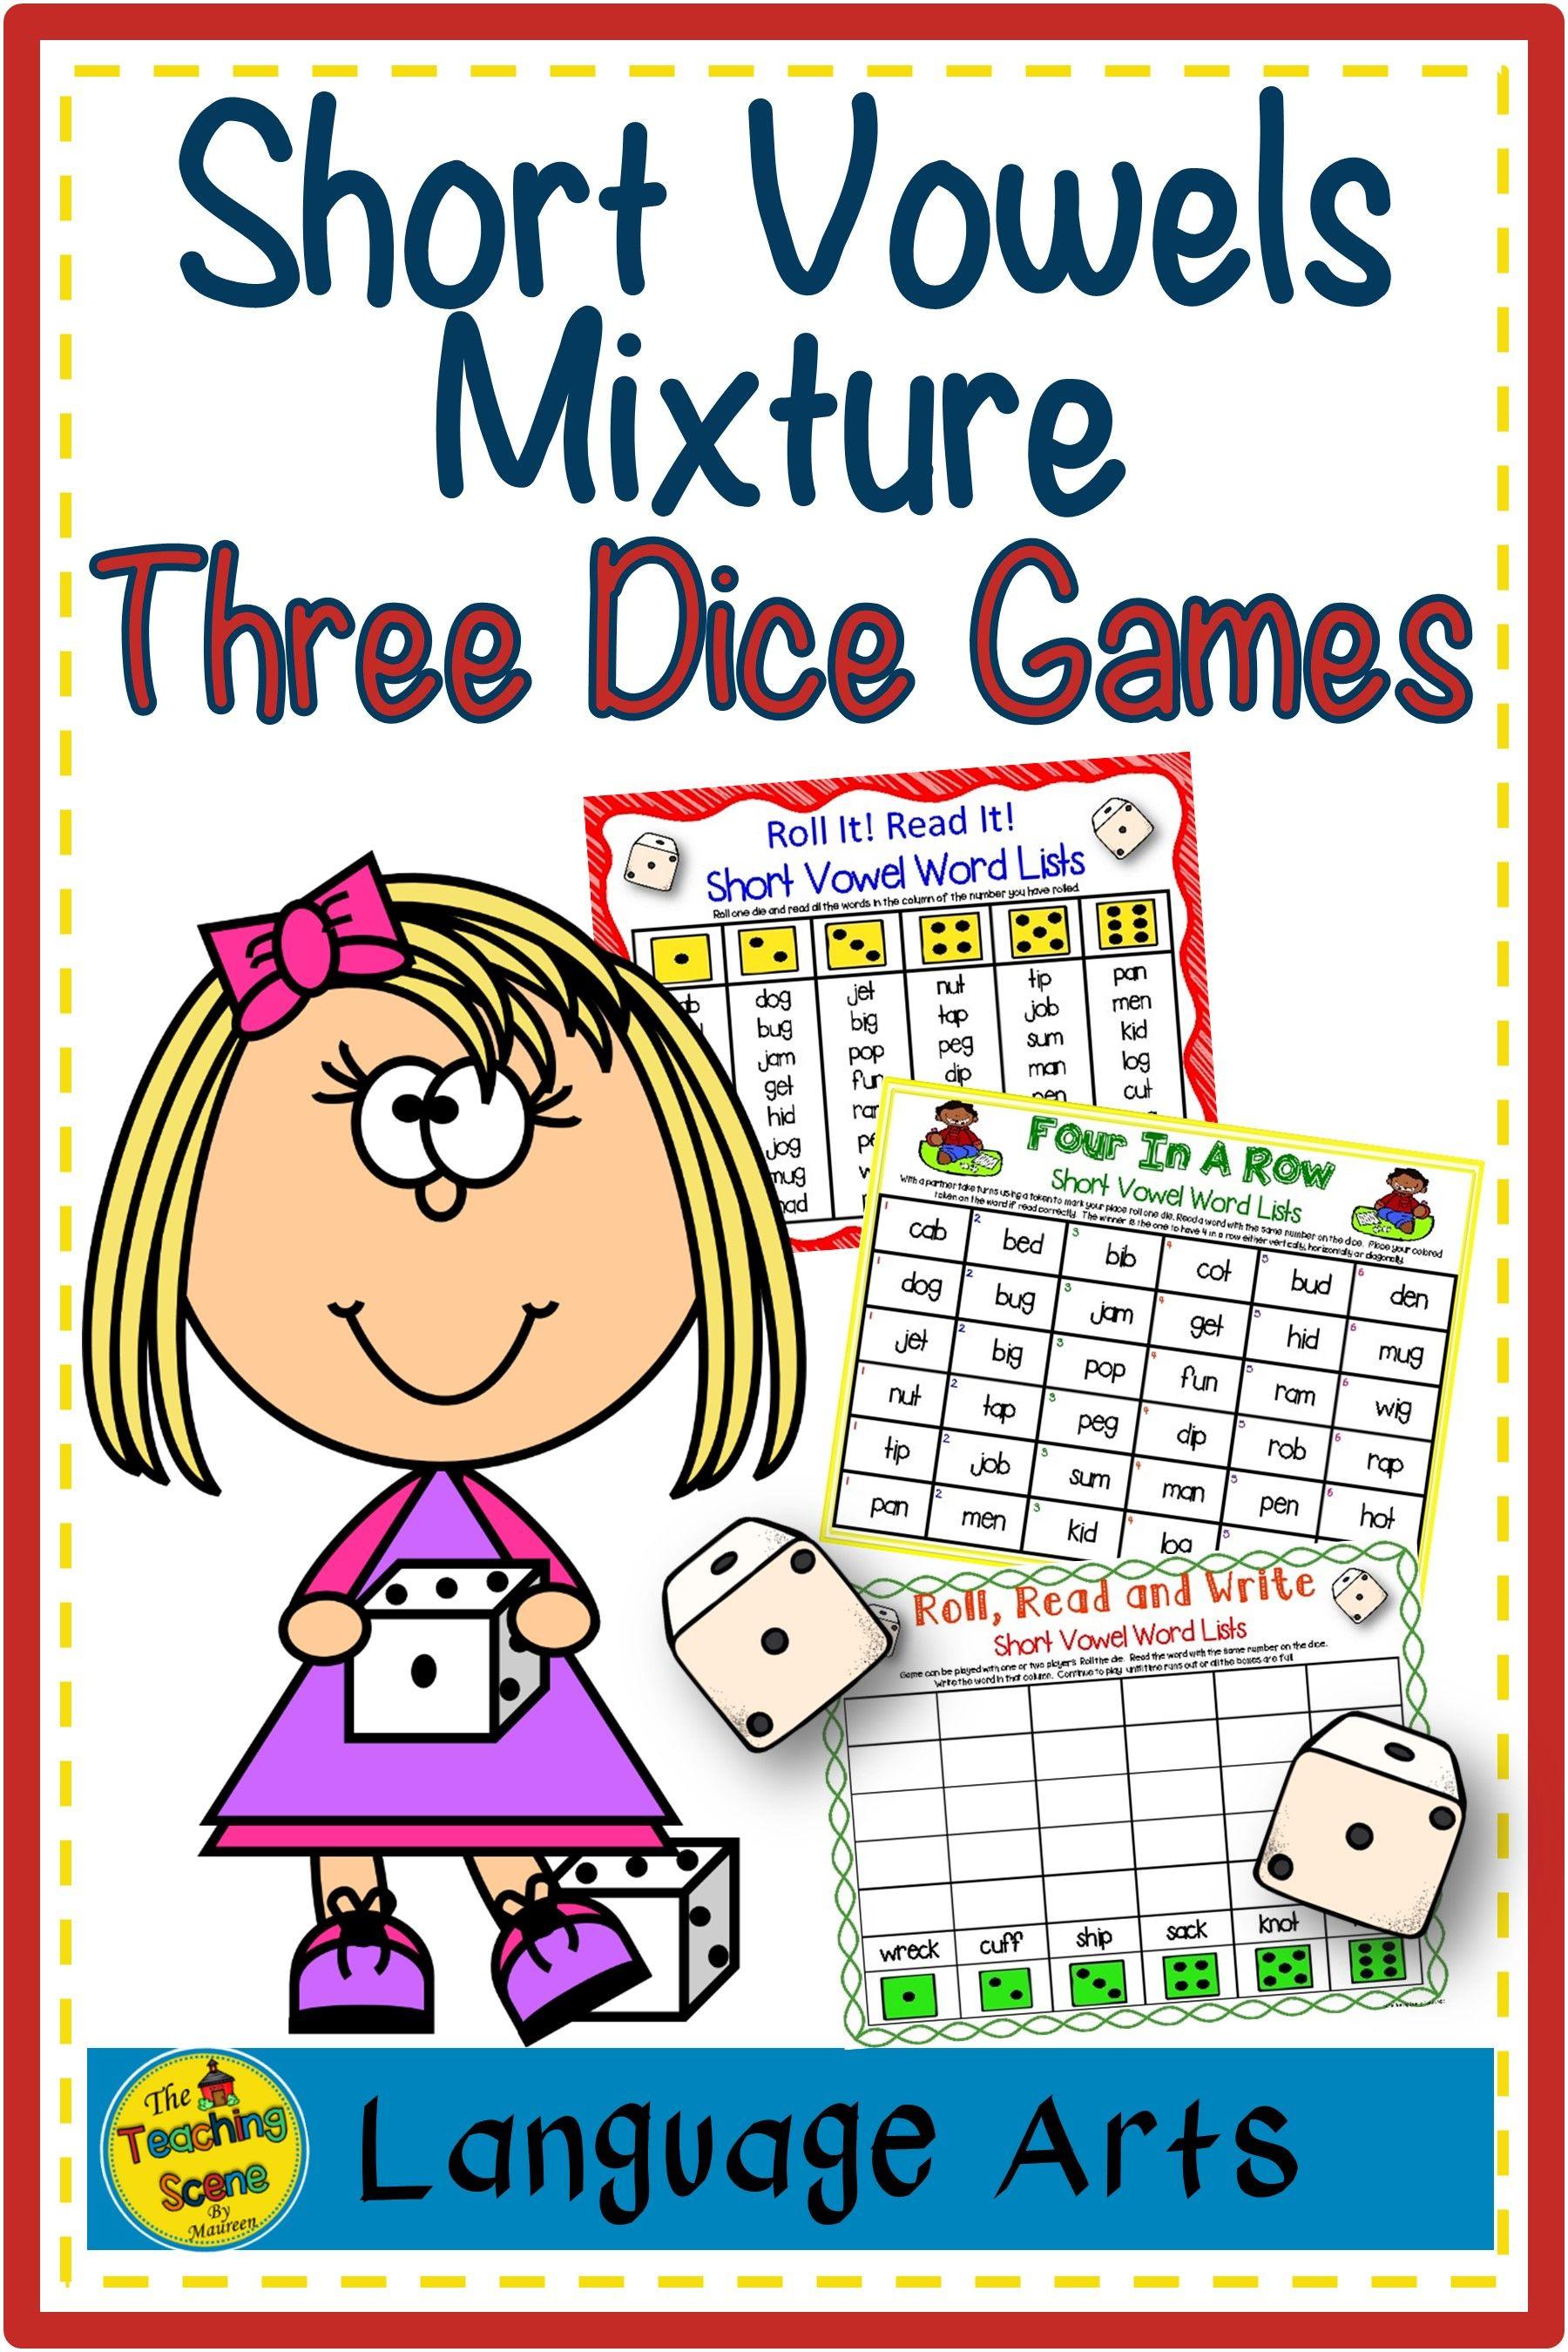 Short Vowels Mixture Three Dice Games Phonics Phonics Short Vowels Short Vowels [ 2700 x 1800 Pixel ]